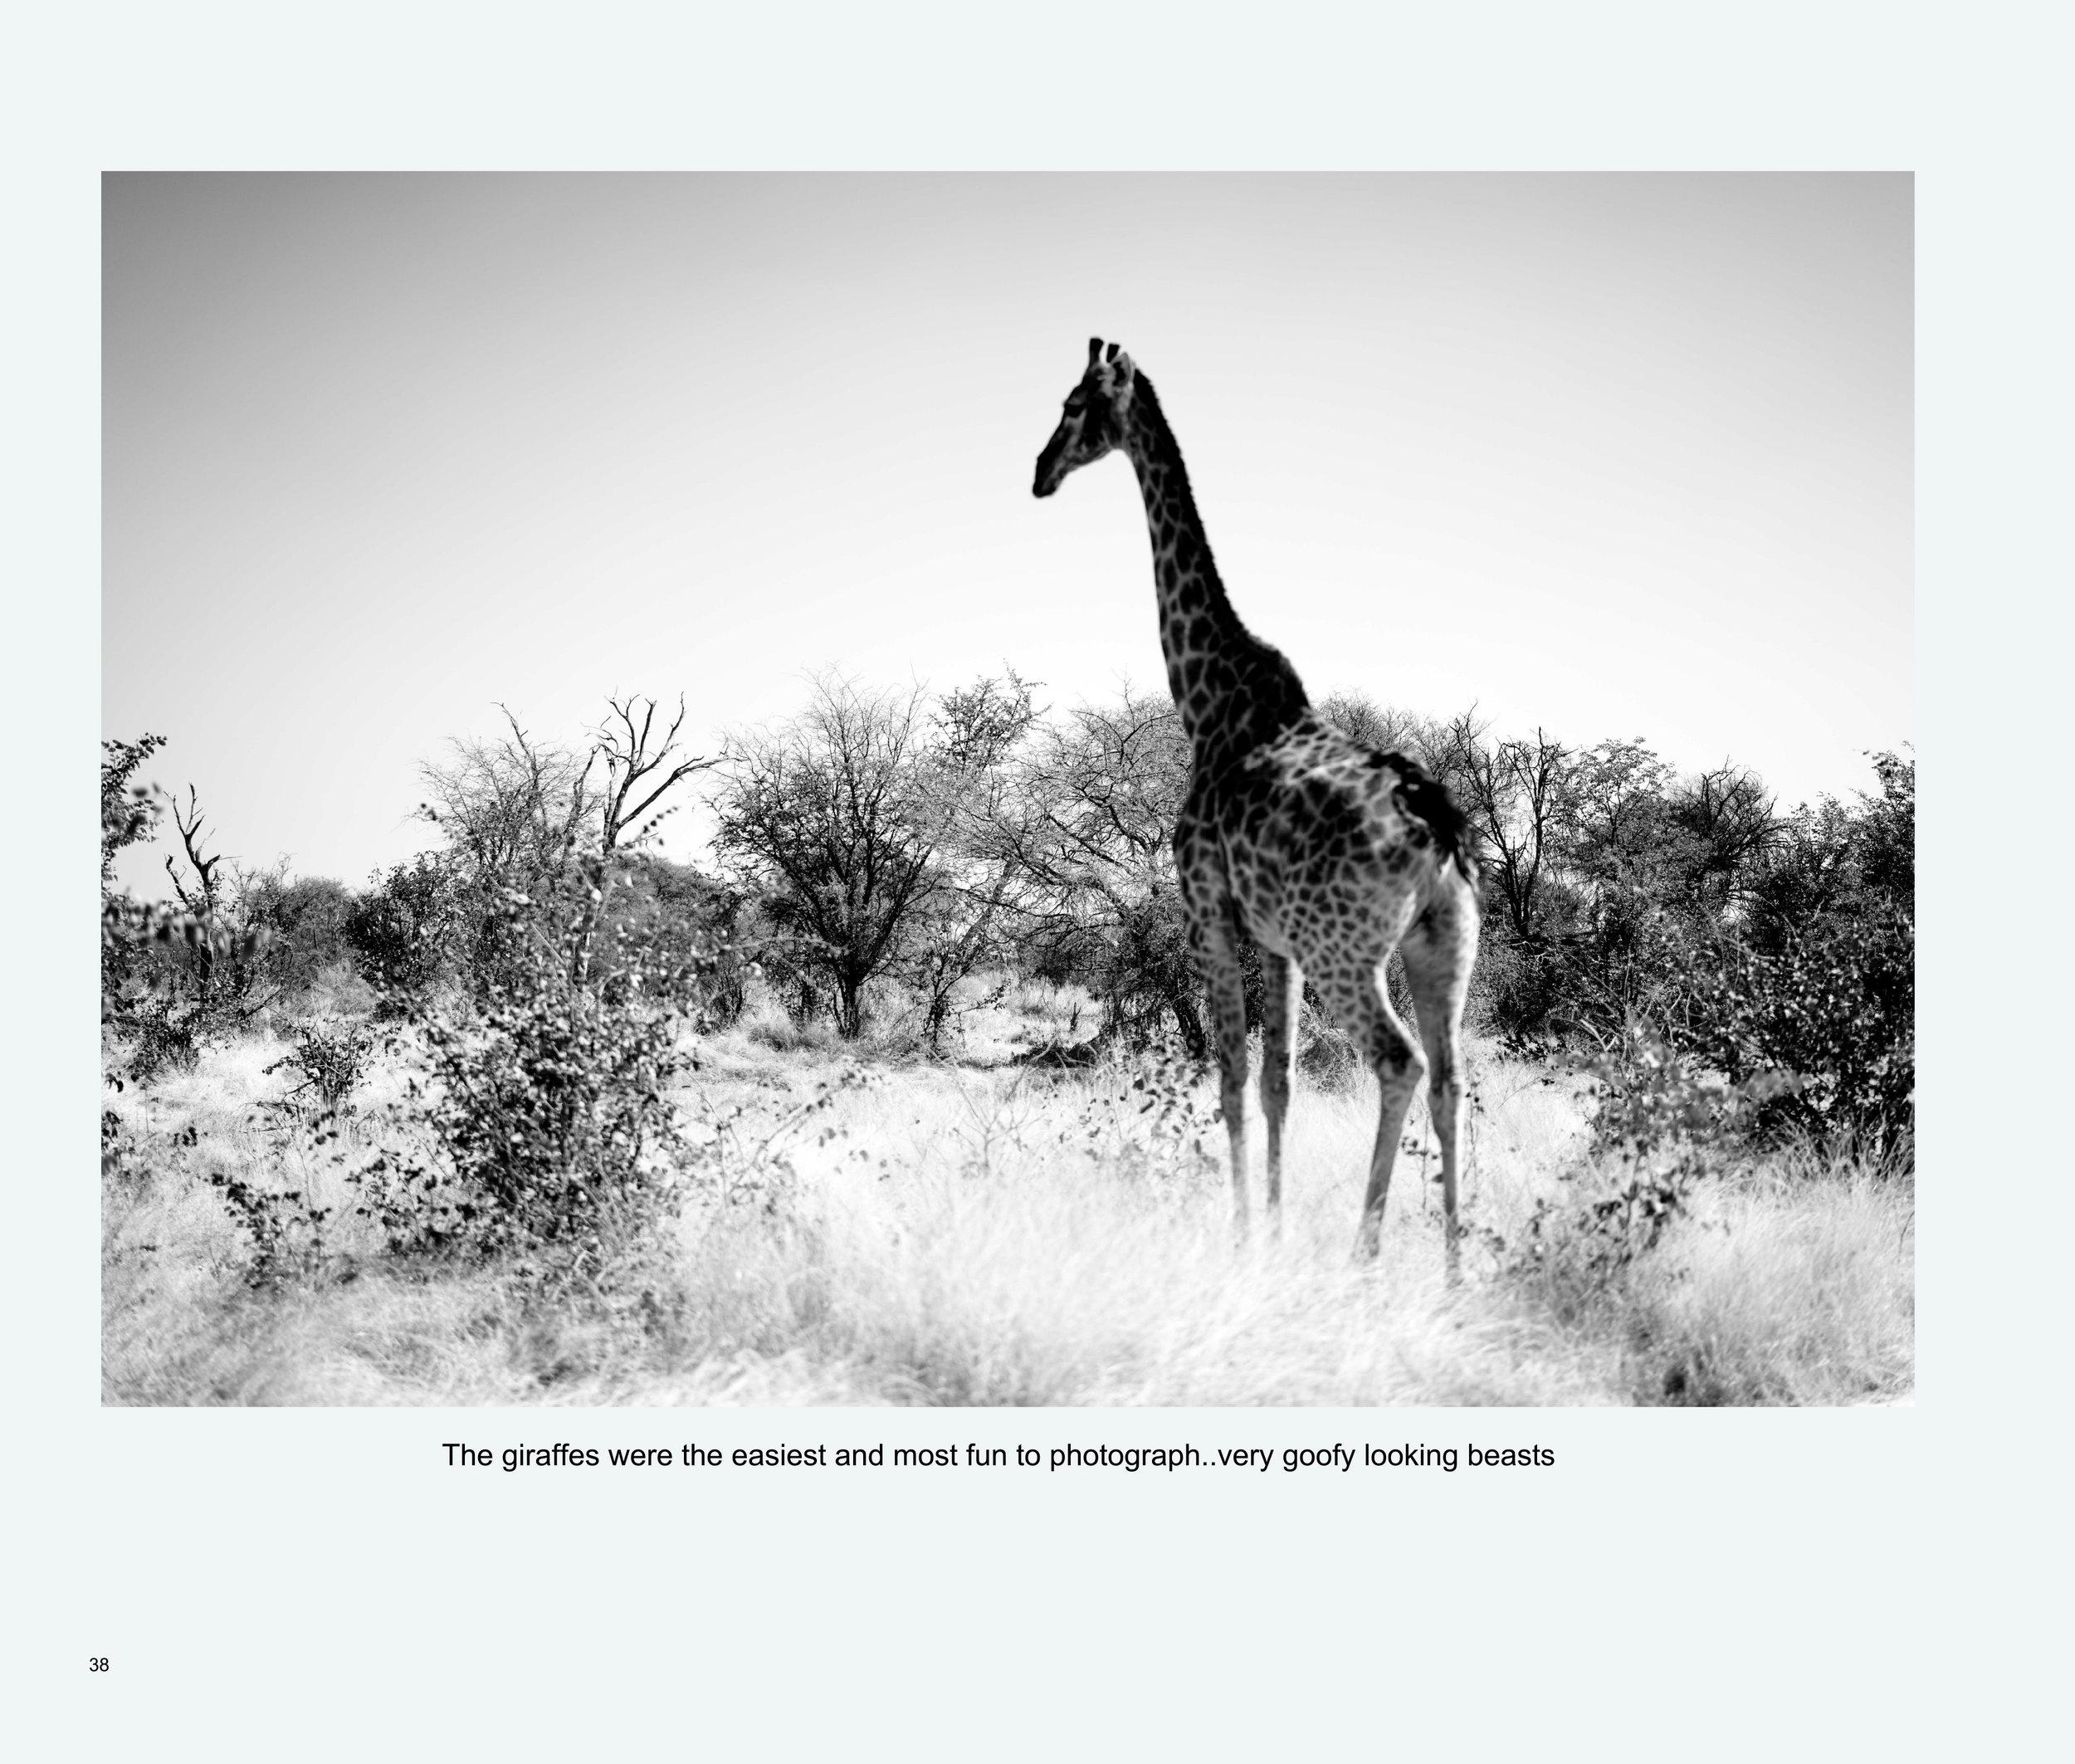 ImagesASouthernAfricaRoadTrip-40.jpg